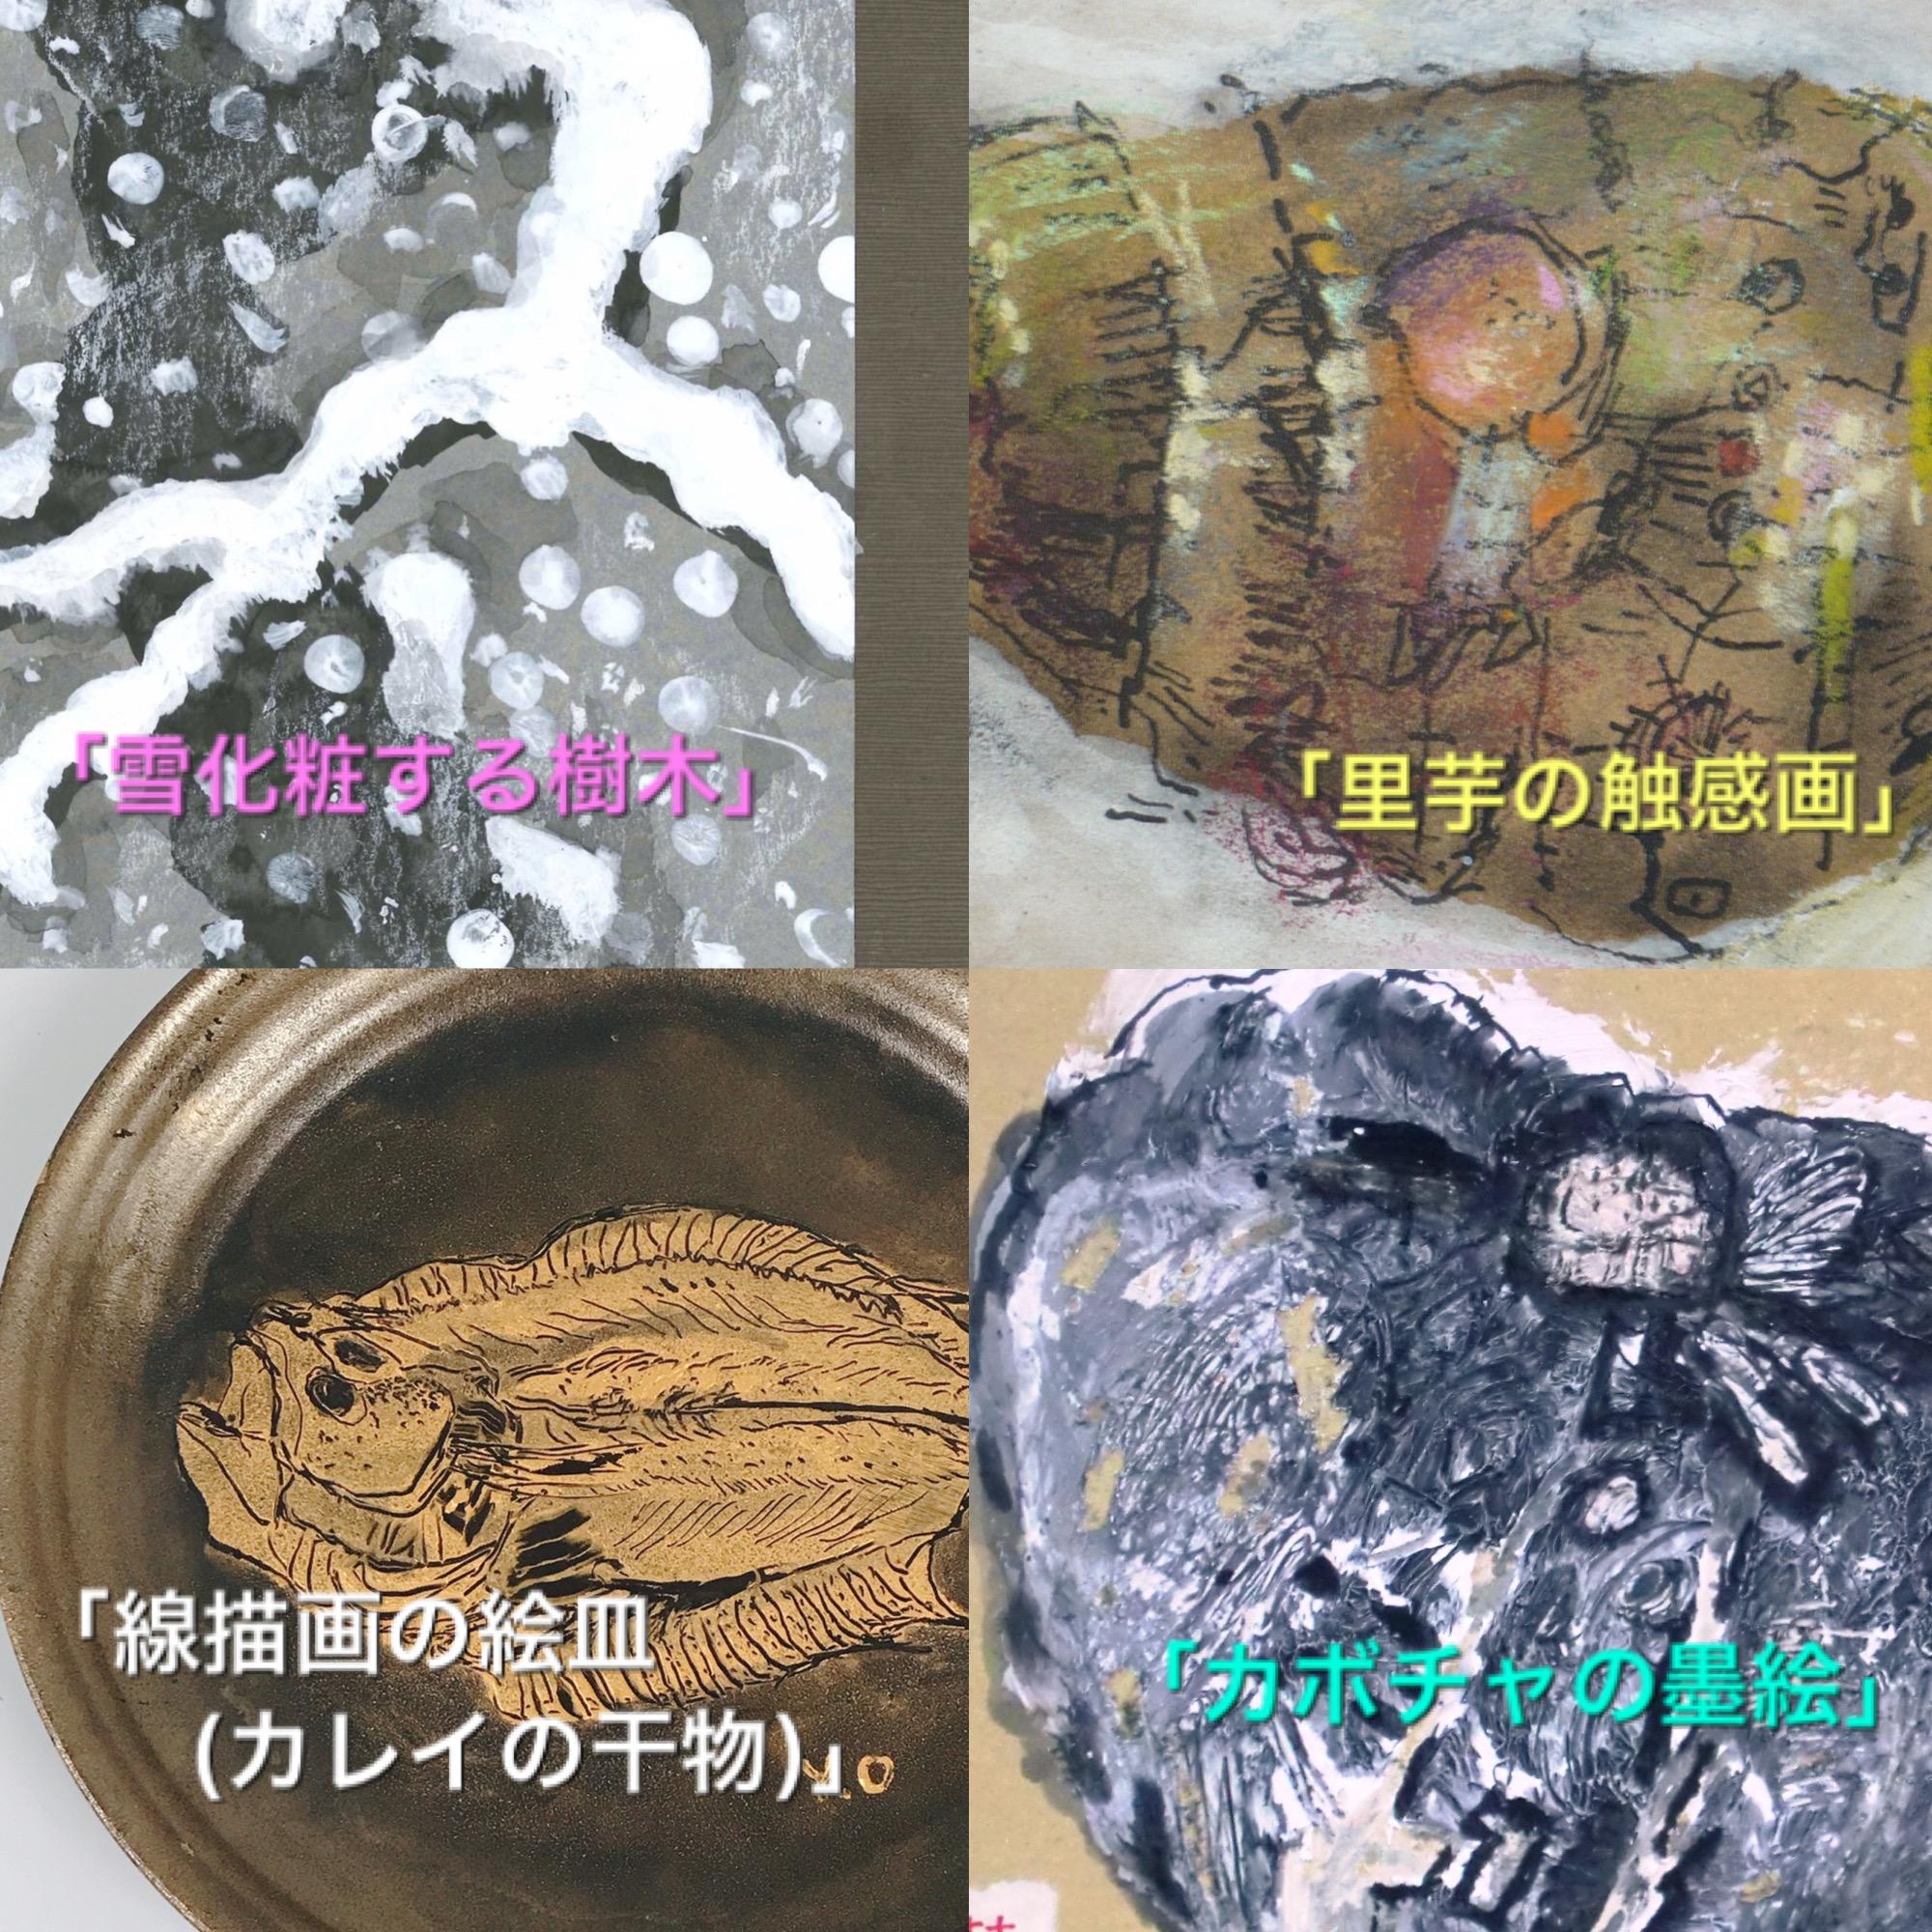 2020.1月実践塾.jpg